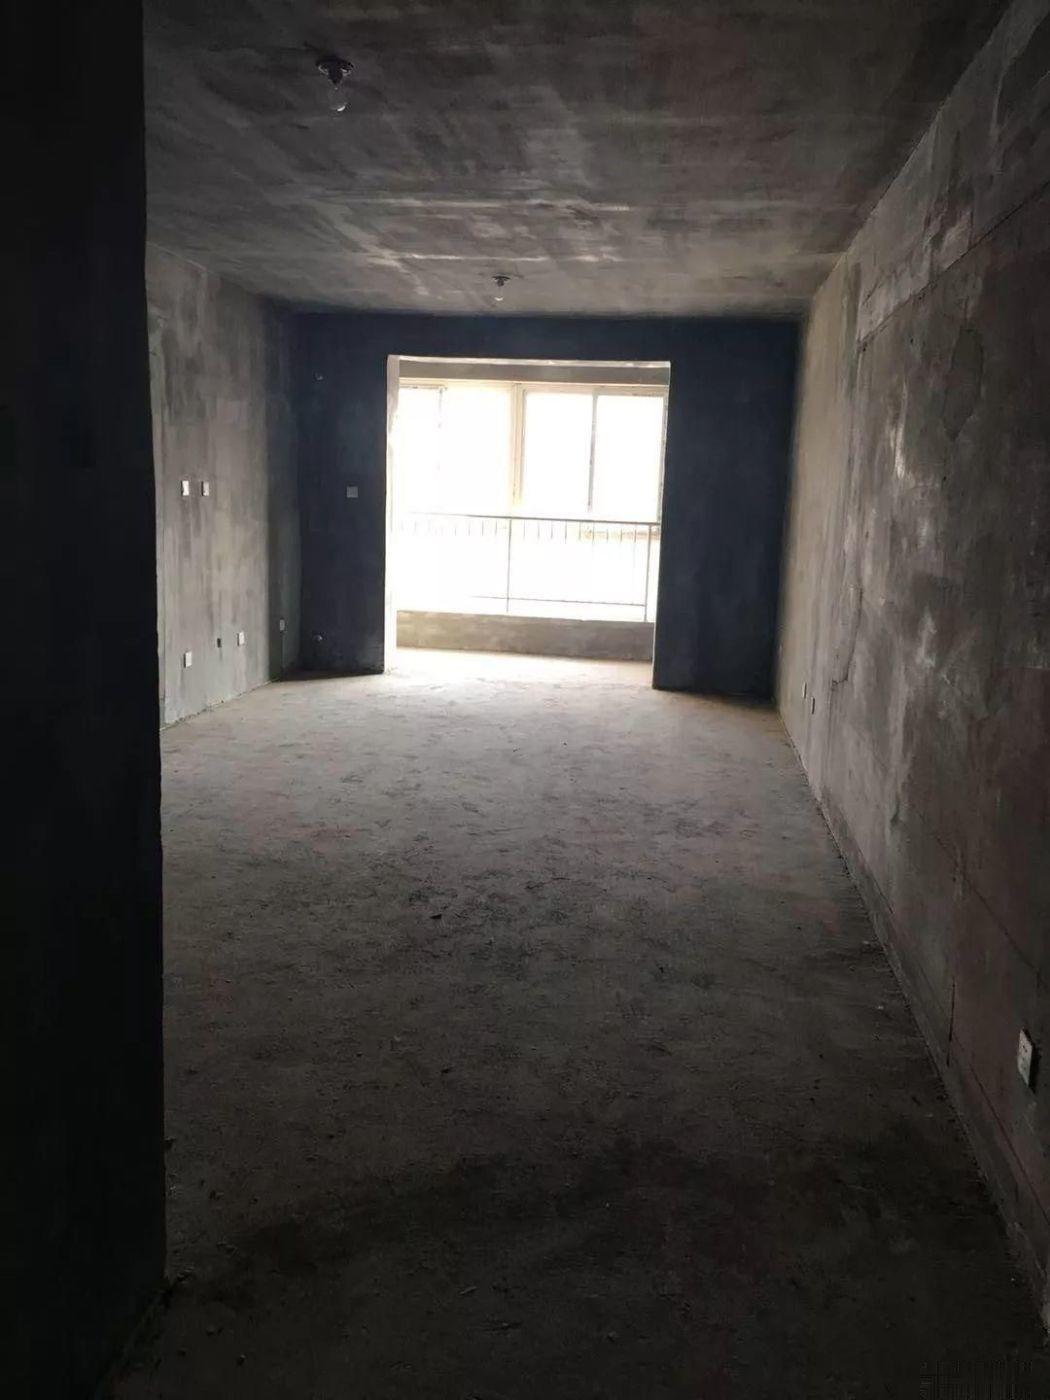 世纪大道(启迪书香逸居)启迪学校两室毛坯 随意装修